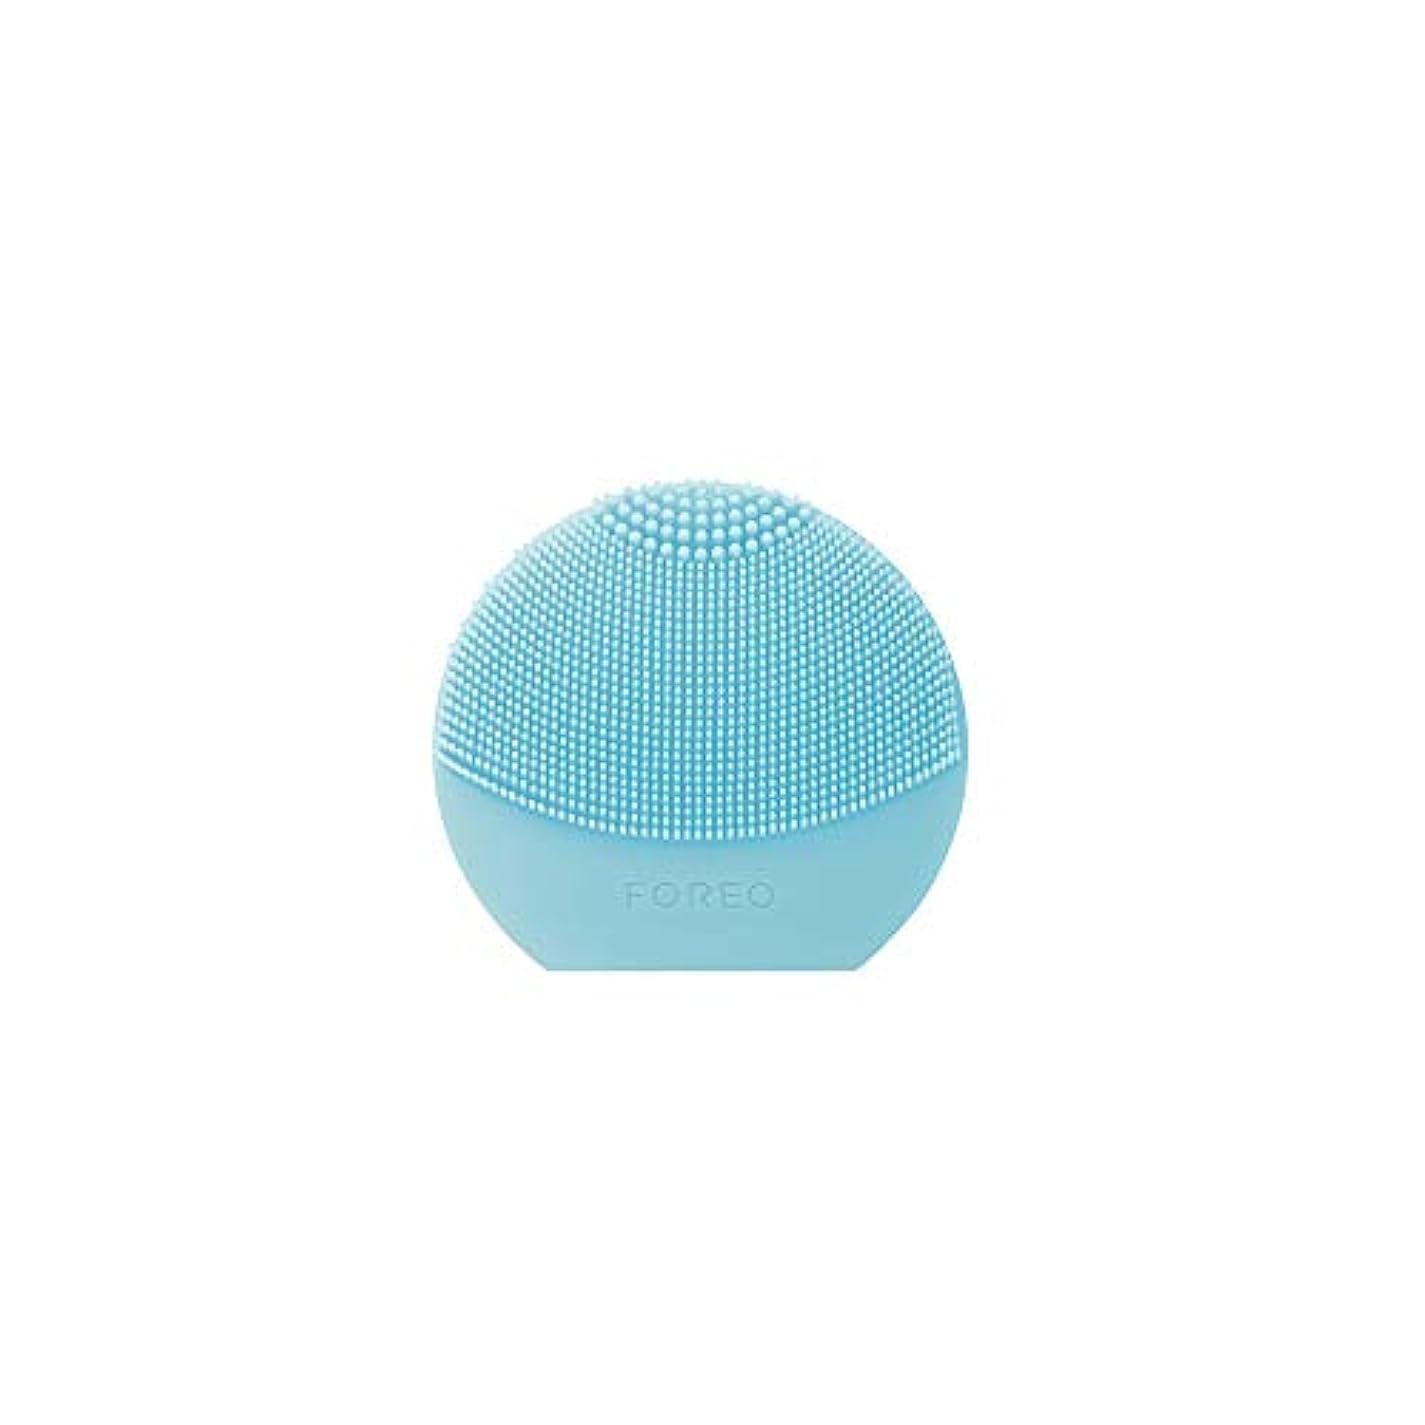 急速な信仰誤解させるFOREO LUNA Play Plus ミント シリコーン製 音波振動 電動洗顔ブラシ 電池式